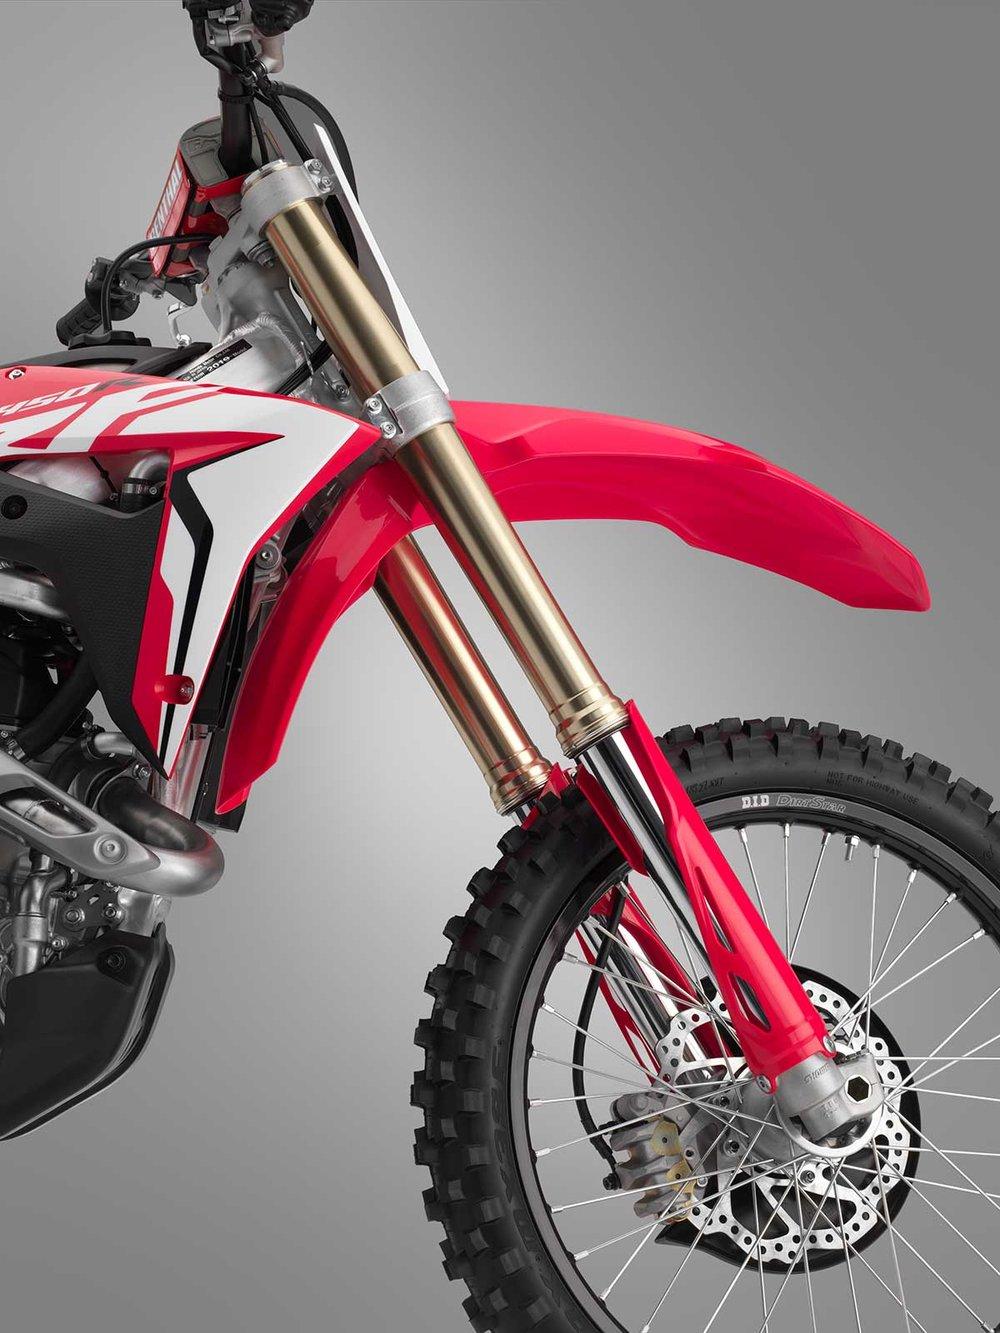 19-Honda-CRF450R_fork.jpg